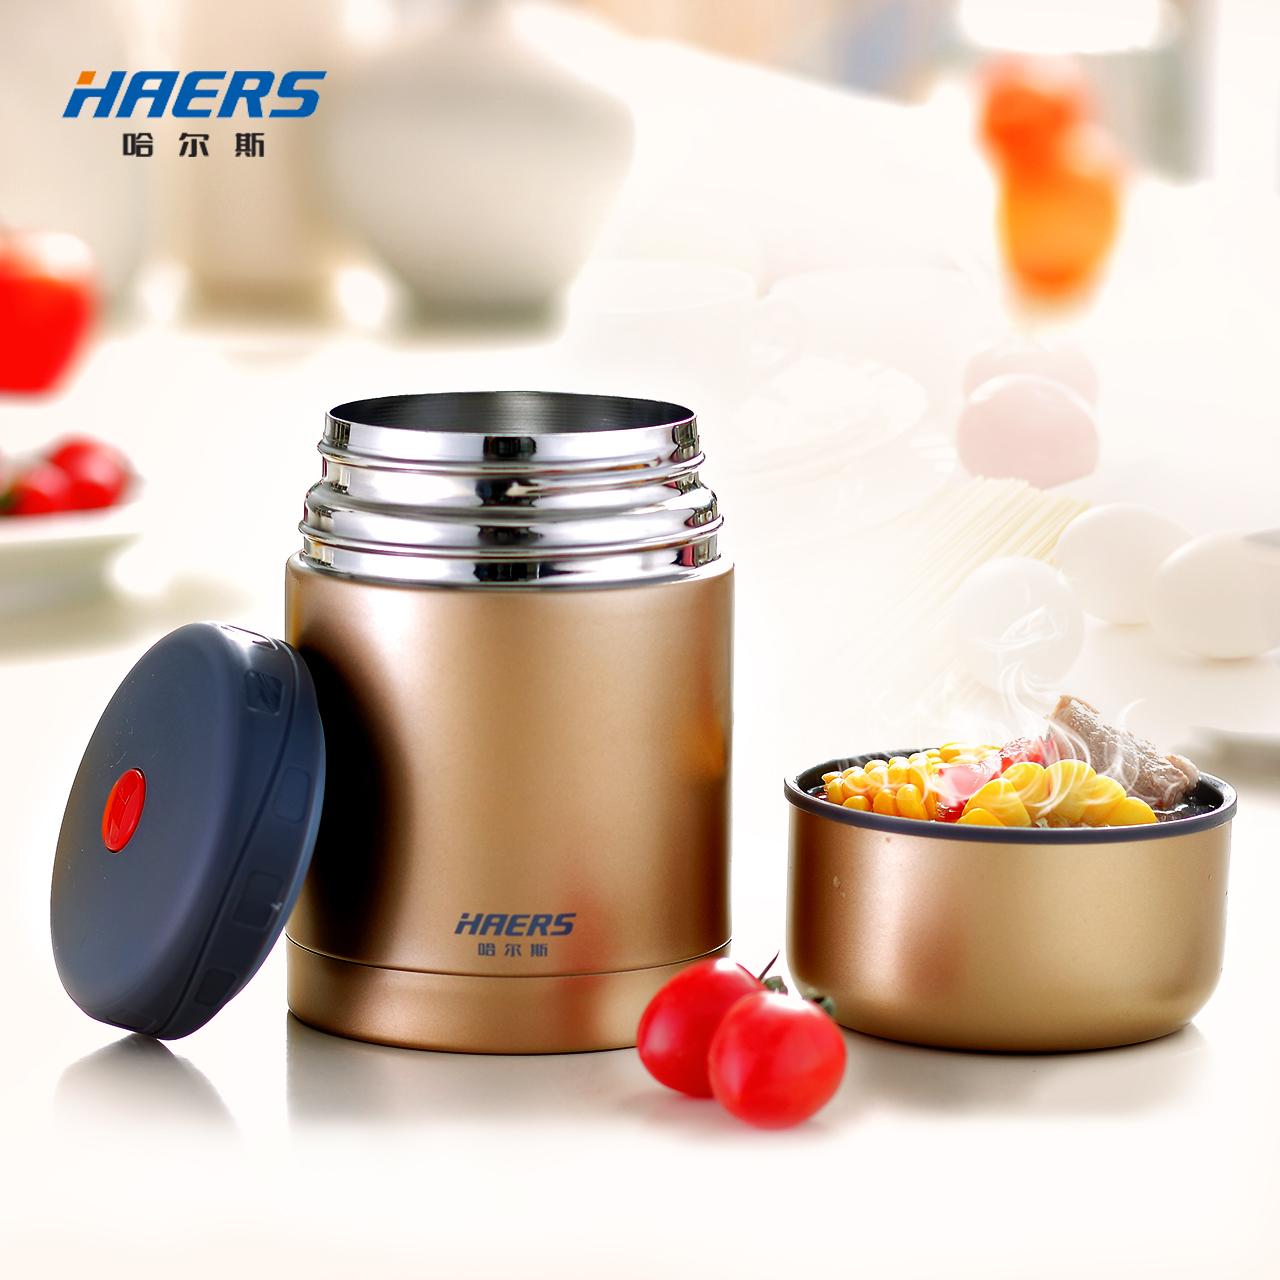 哈爾斯燜燒壺燜燒杯600ml 不鏽鋼保溫桶 悶燒罐 學生保溫飯盒